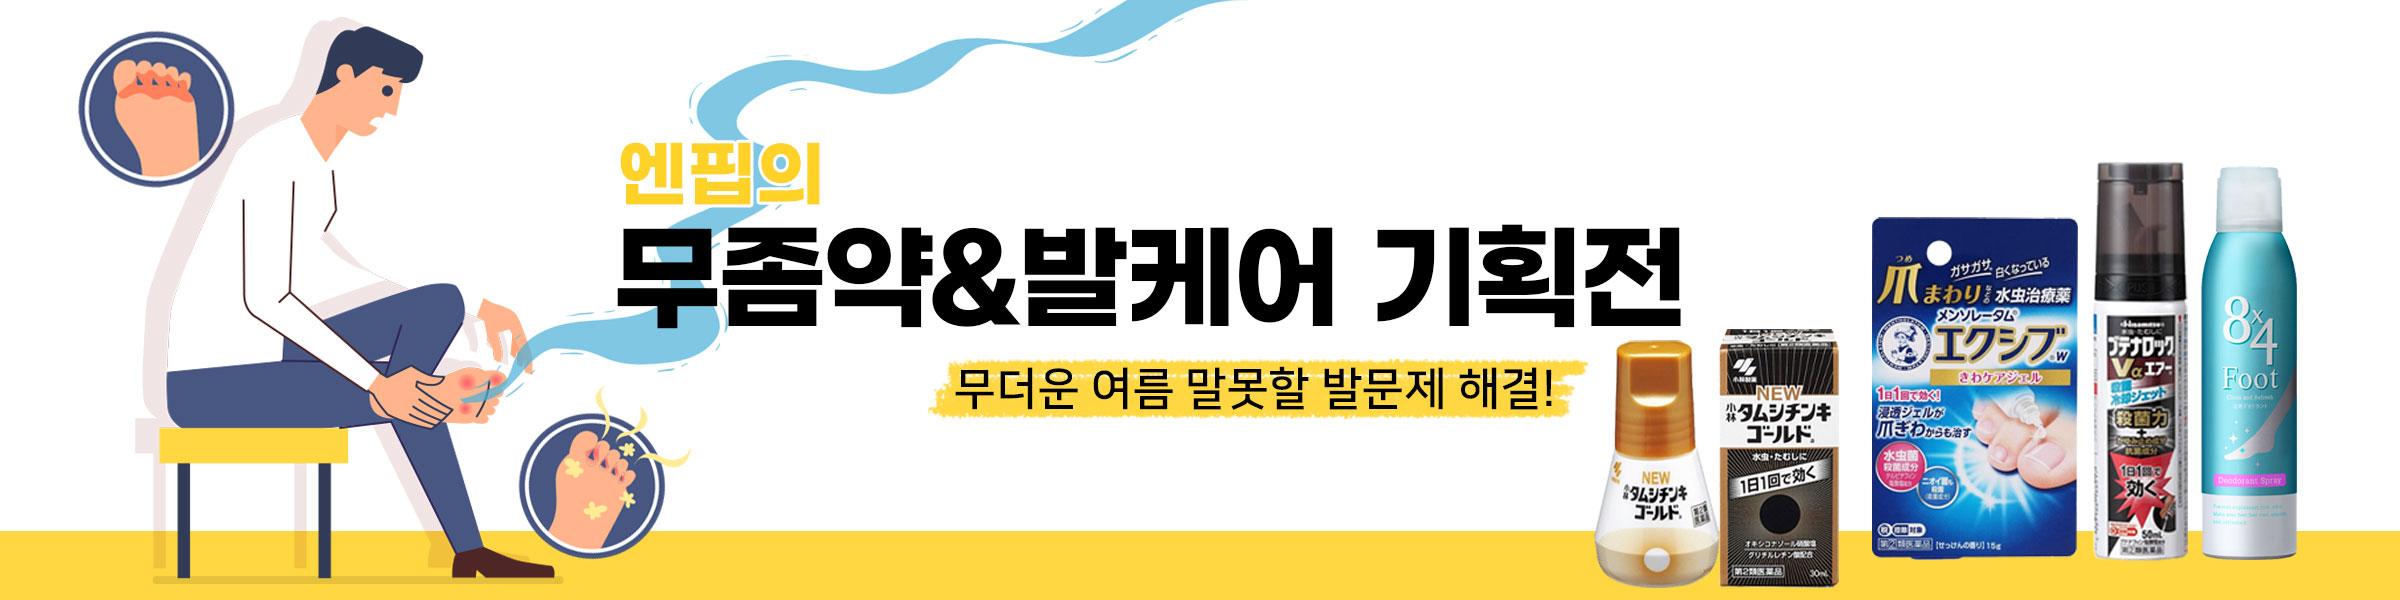 엔핍의 무좀약&발케어 기획전!